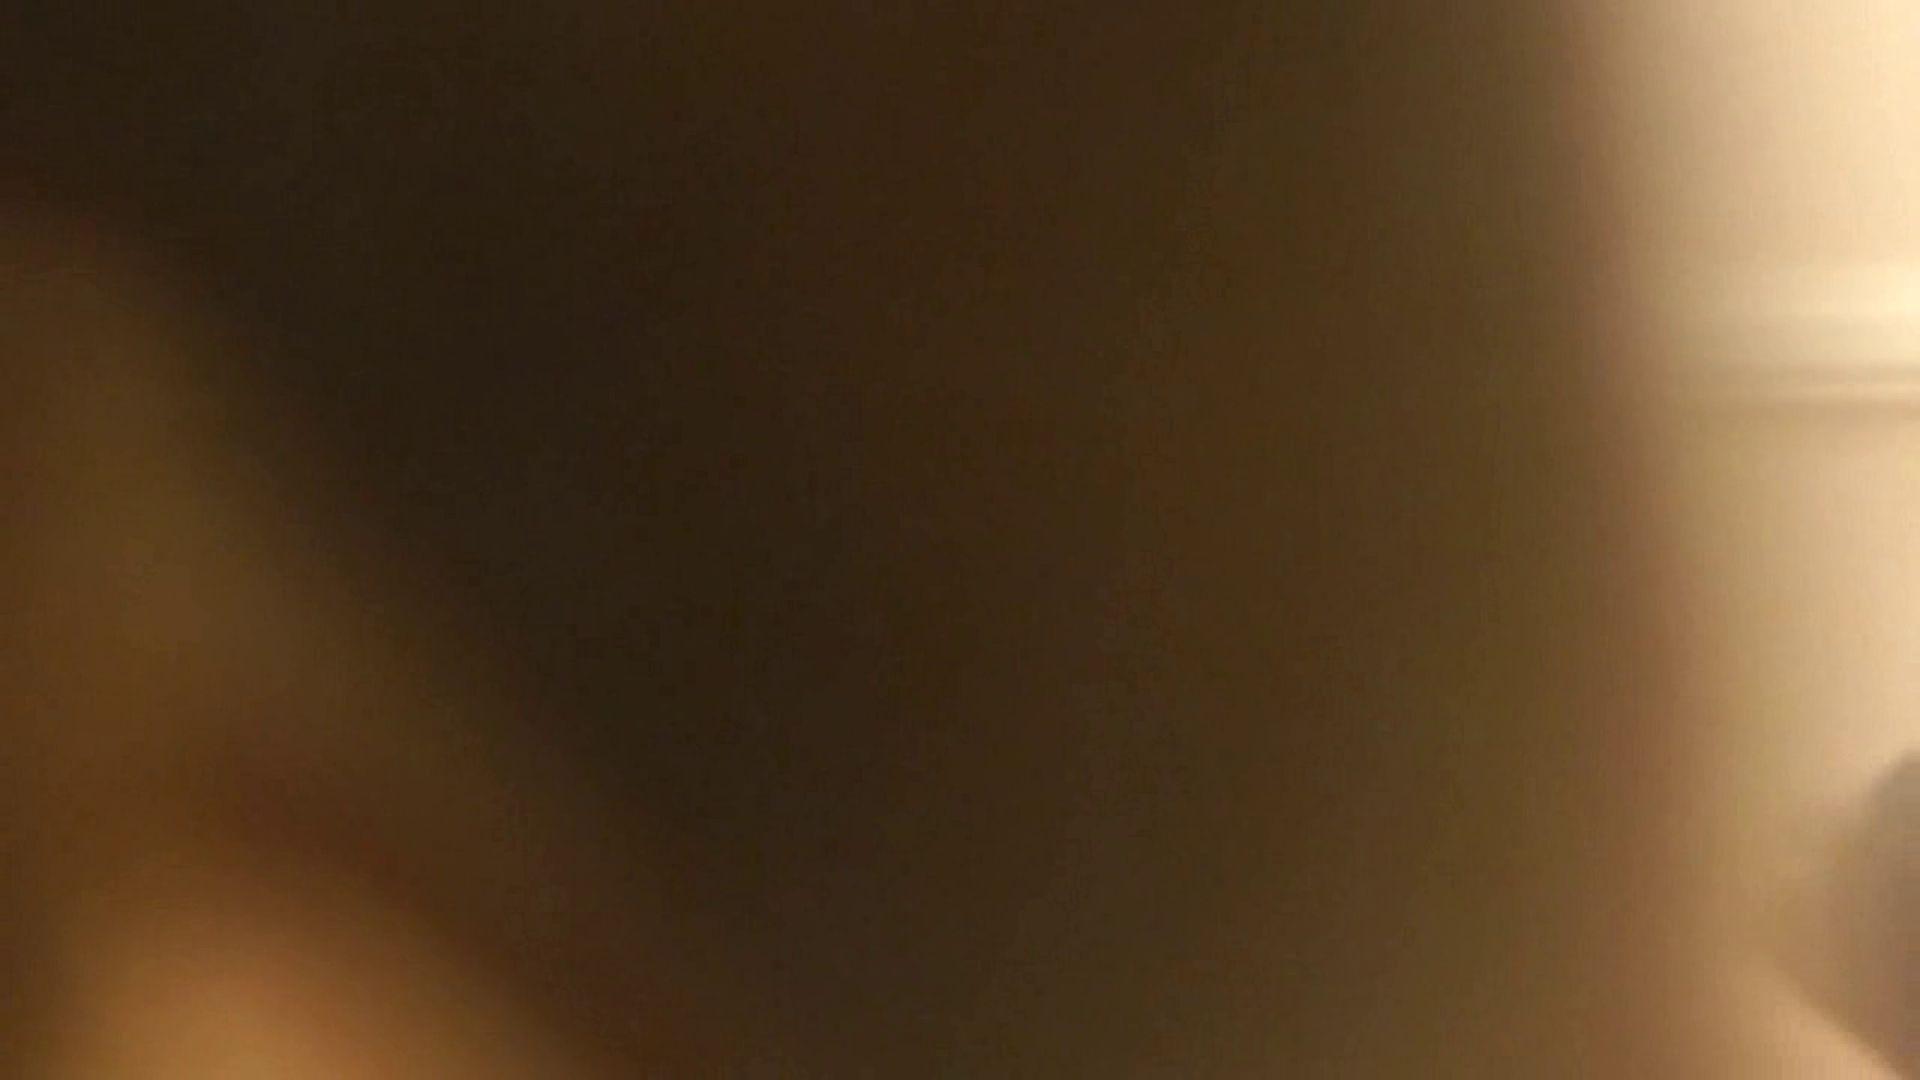 vol.1 Mayumi 窓越しに入浴シーン撮影に成功 いやらしいOL | 0  60連発 22